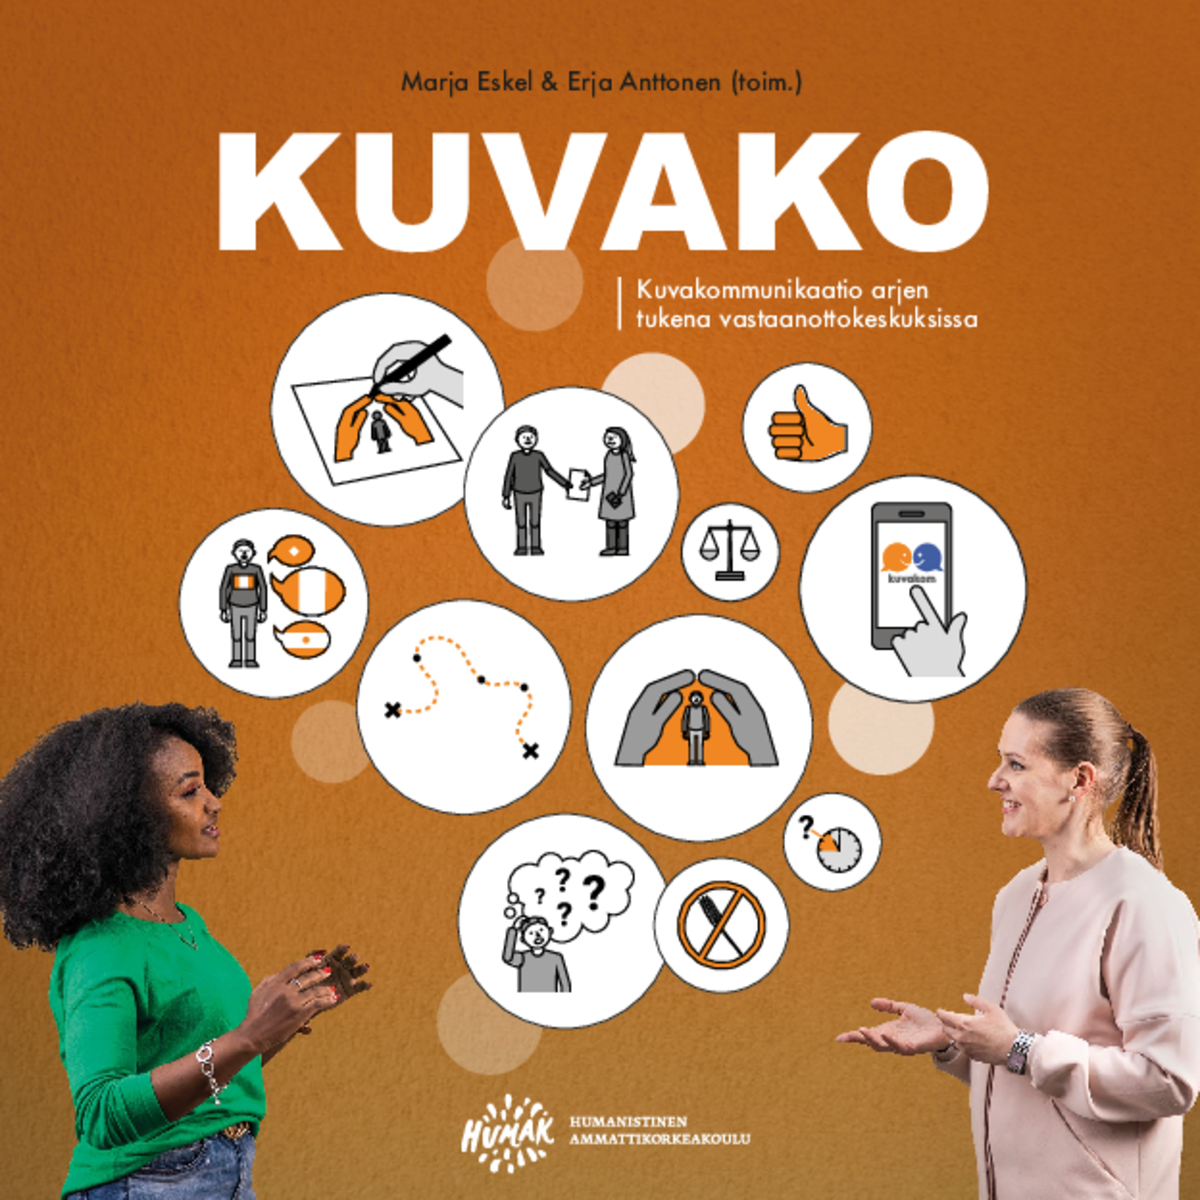 KUVAKO – kuvakommunikaatio arjen tukena vastaanottokeskuksissa